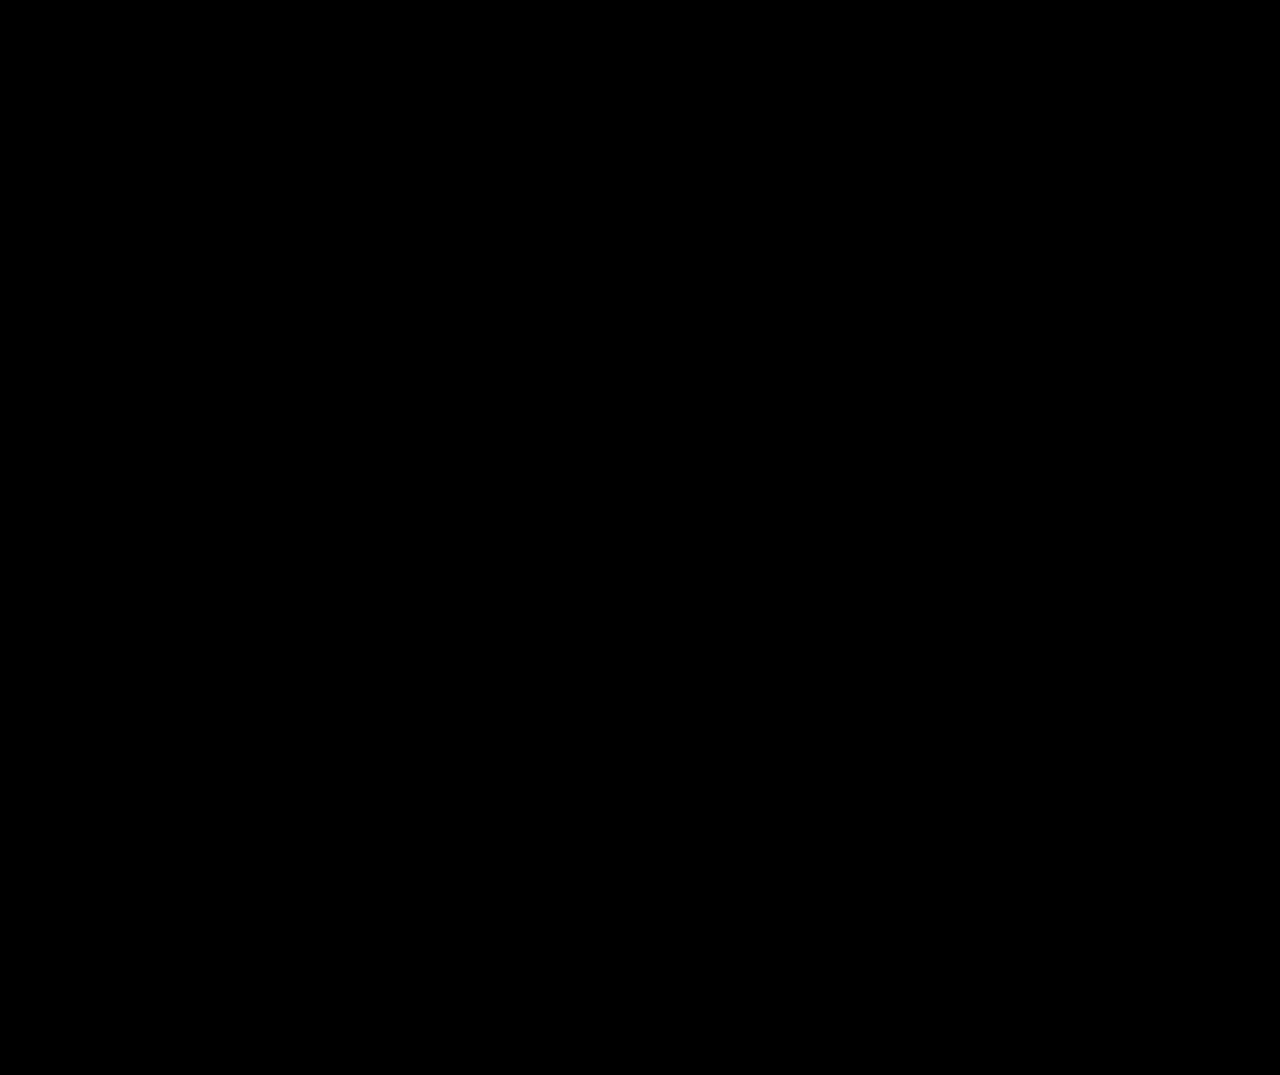 Laminas en blanco y negro p g 9 aprender manualidades for Laminas blanco y negro